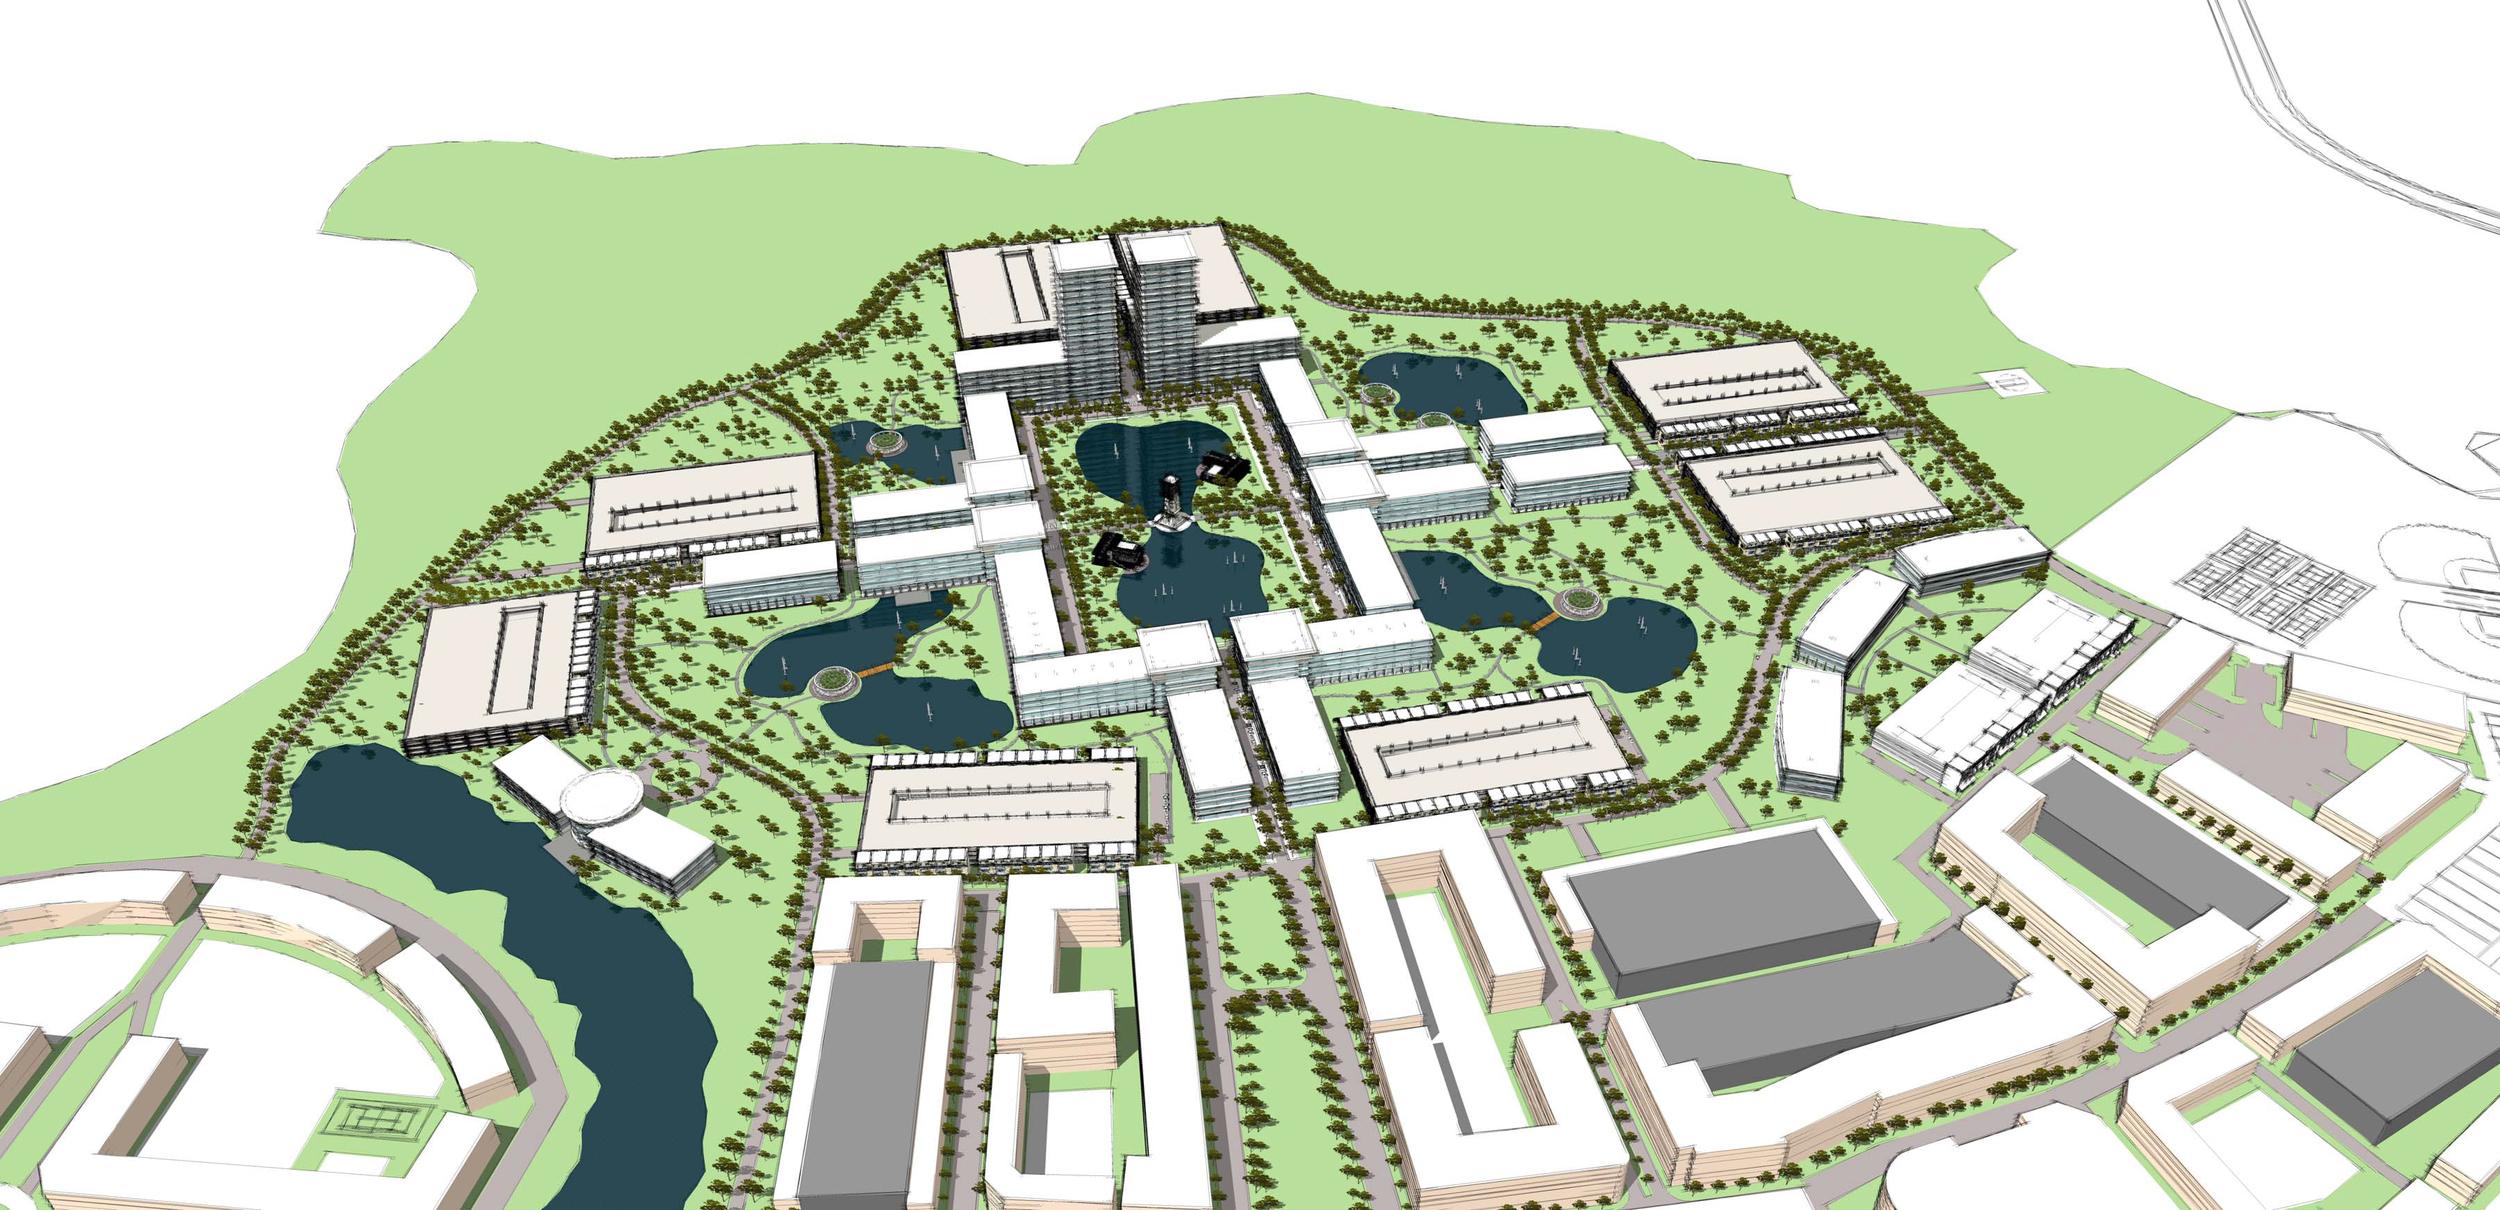 Corporate Campus Site